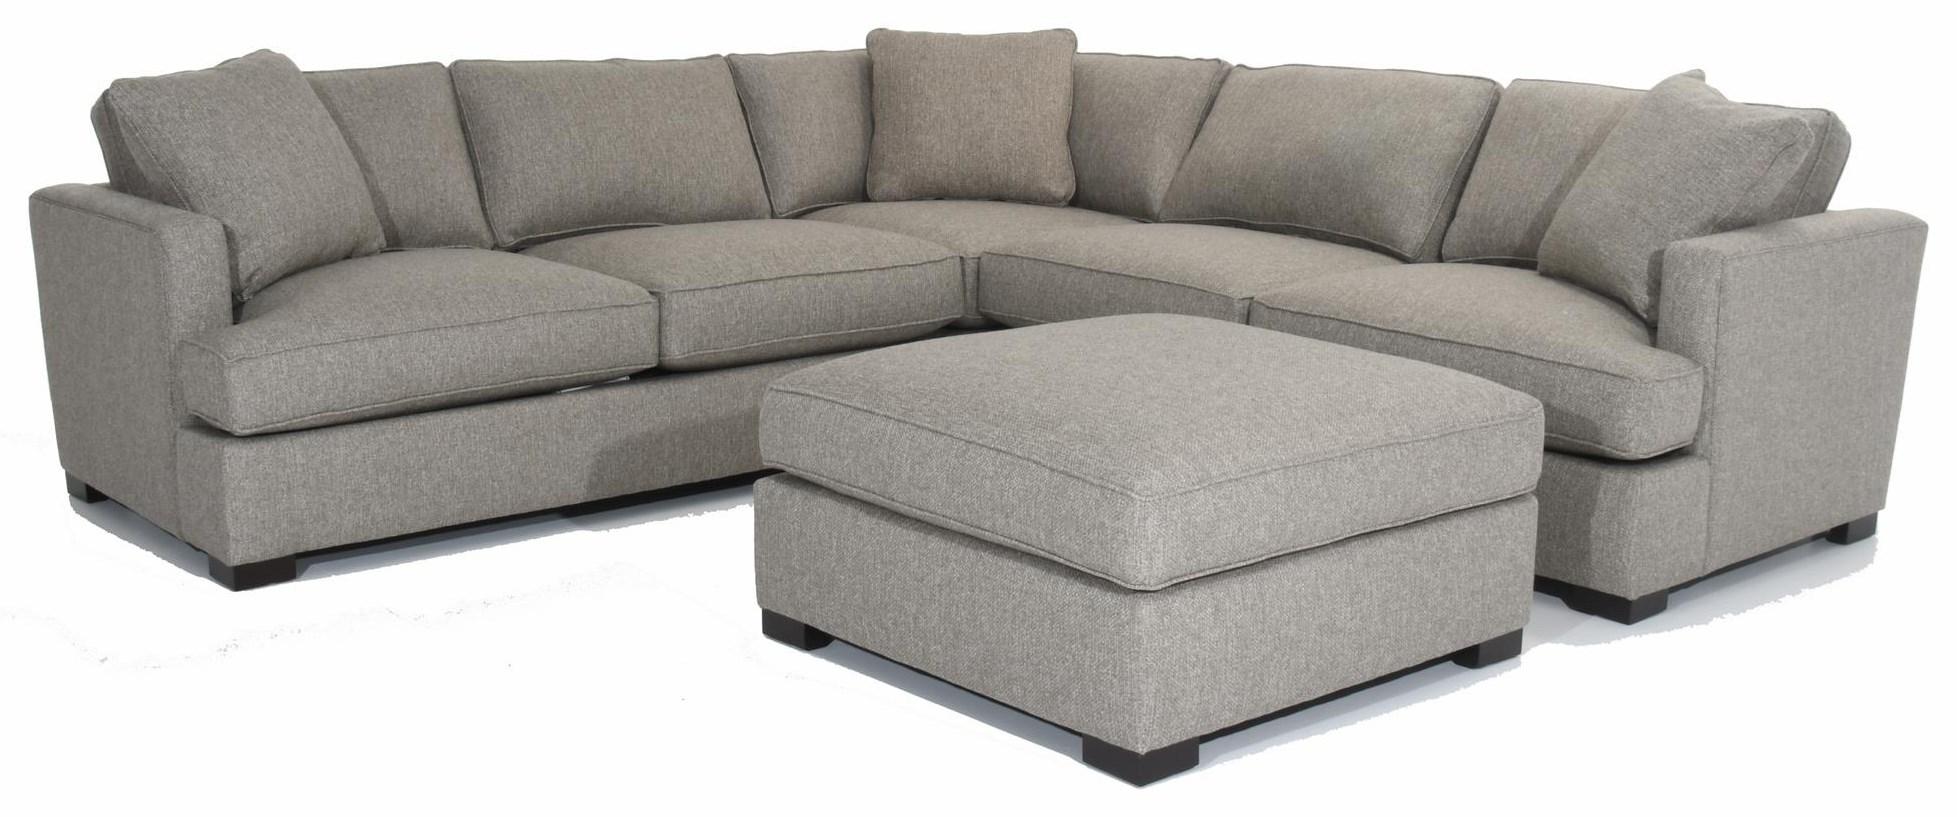 Wellesley Modular Sectional Sofa